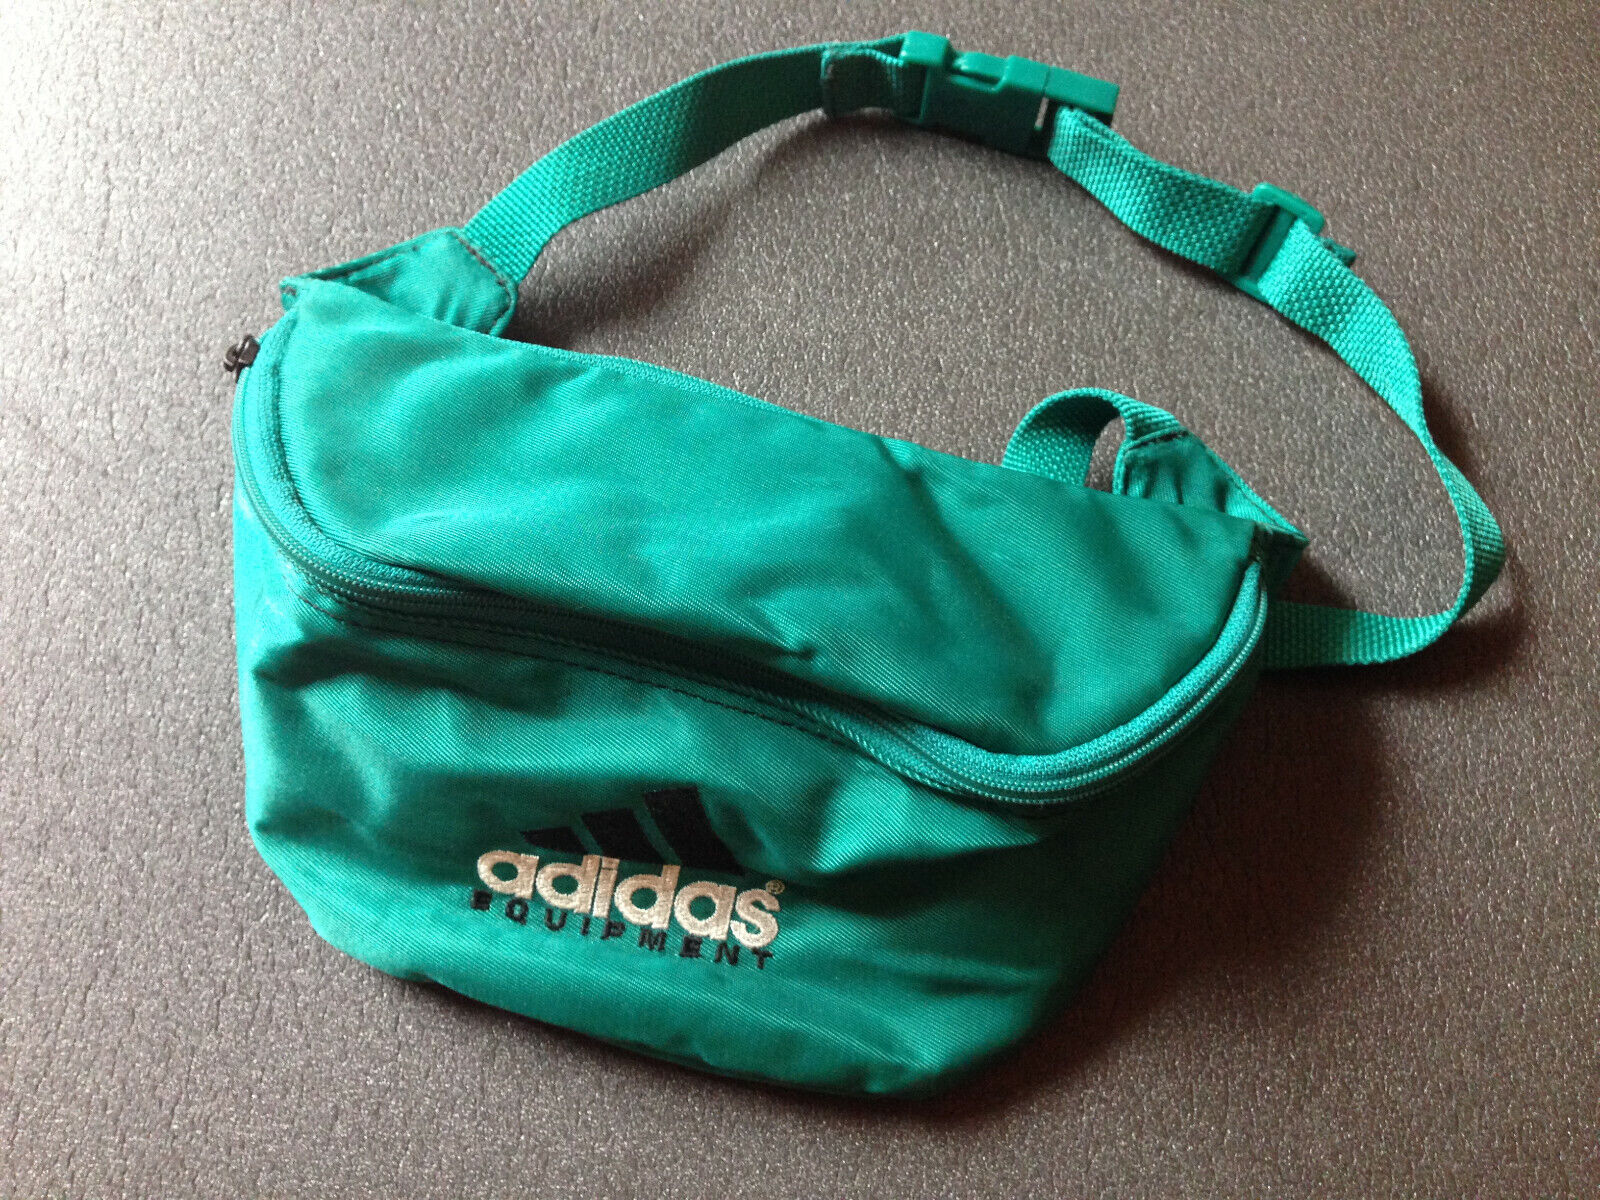 Adidas Equipment EQT Gürteltasche Hip Bag Retro vintage colourway grün Grün